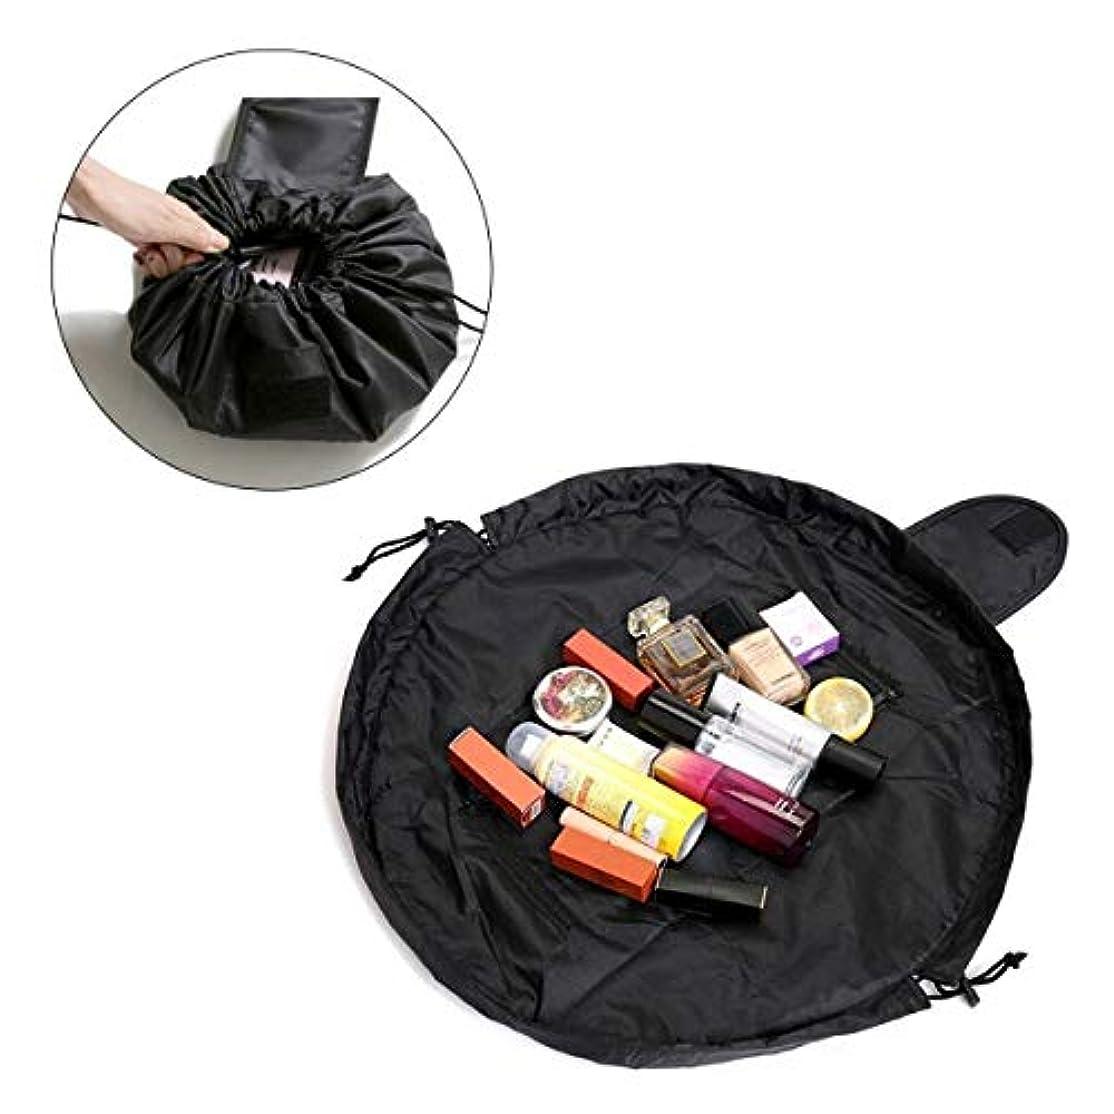 偶然例外とティームPichidr-JP 速い化粧袋旅行浴室のための携帯用多機能の防水ビロードの円形の化粧品袋、黒